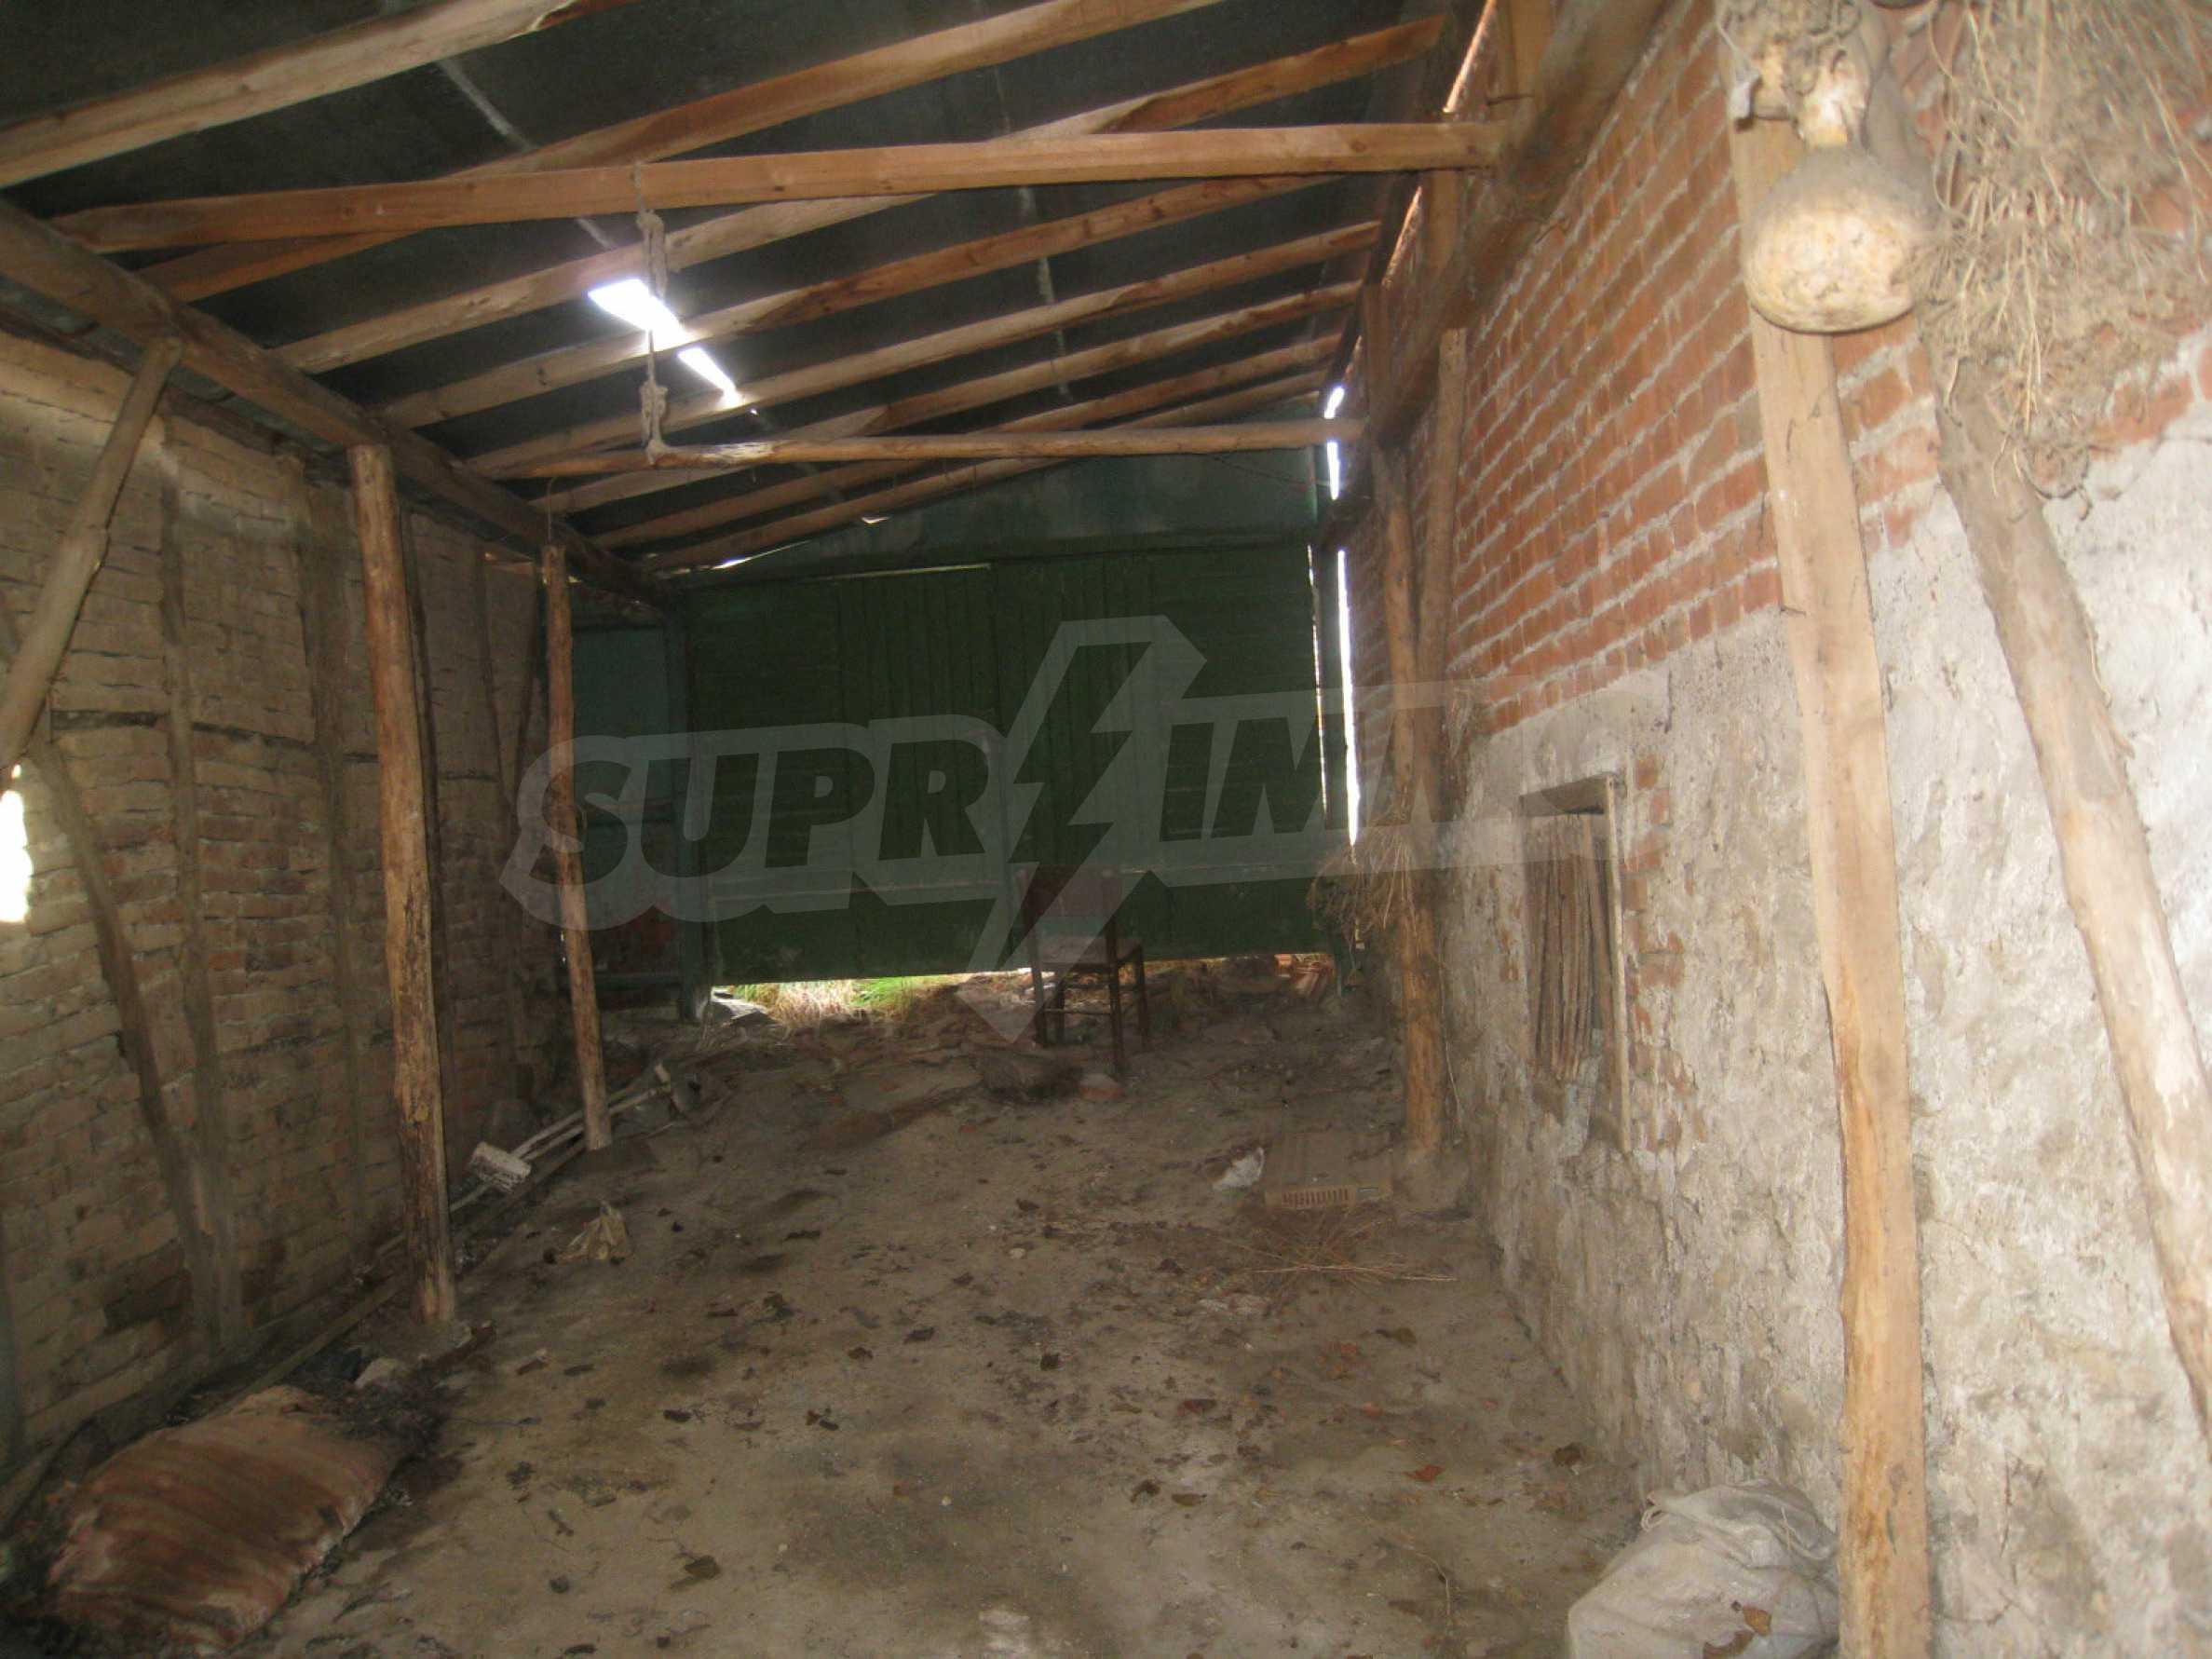 Haus zum Verkauf in der Nähe von Kyustendil 16